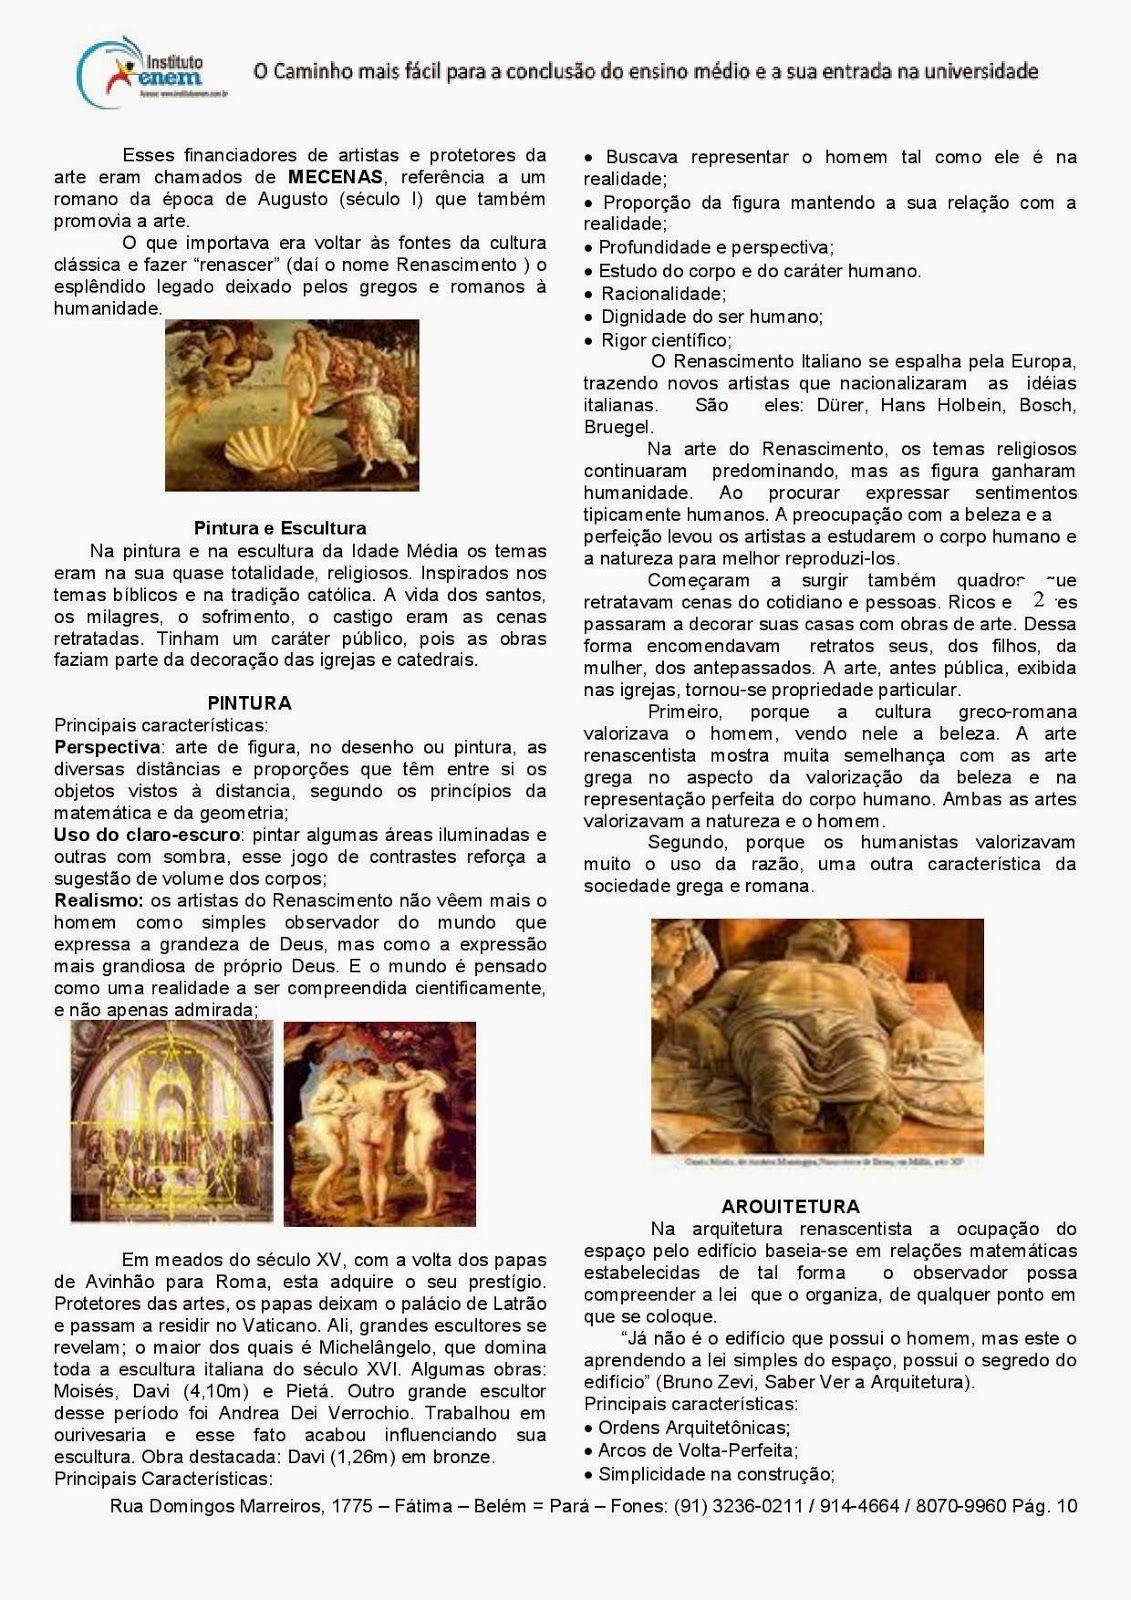 Artes Visuais Teatro E Musica Ensino Medio 40 Atividades Imagens